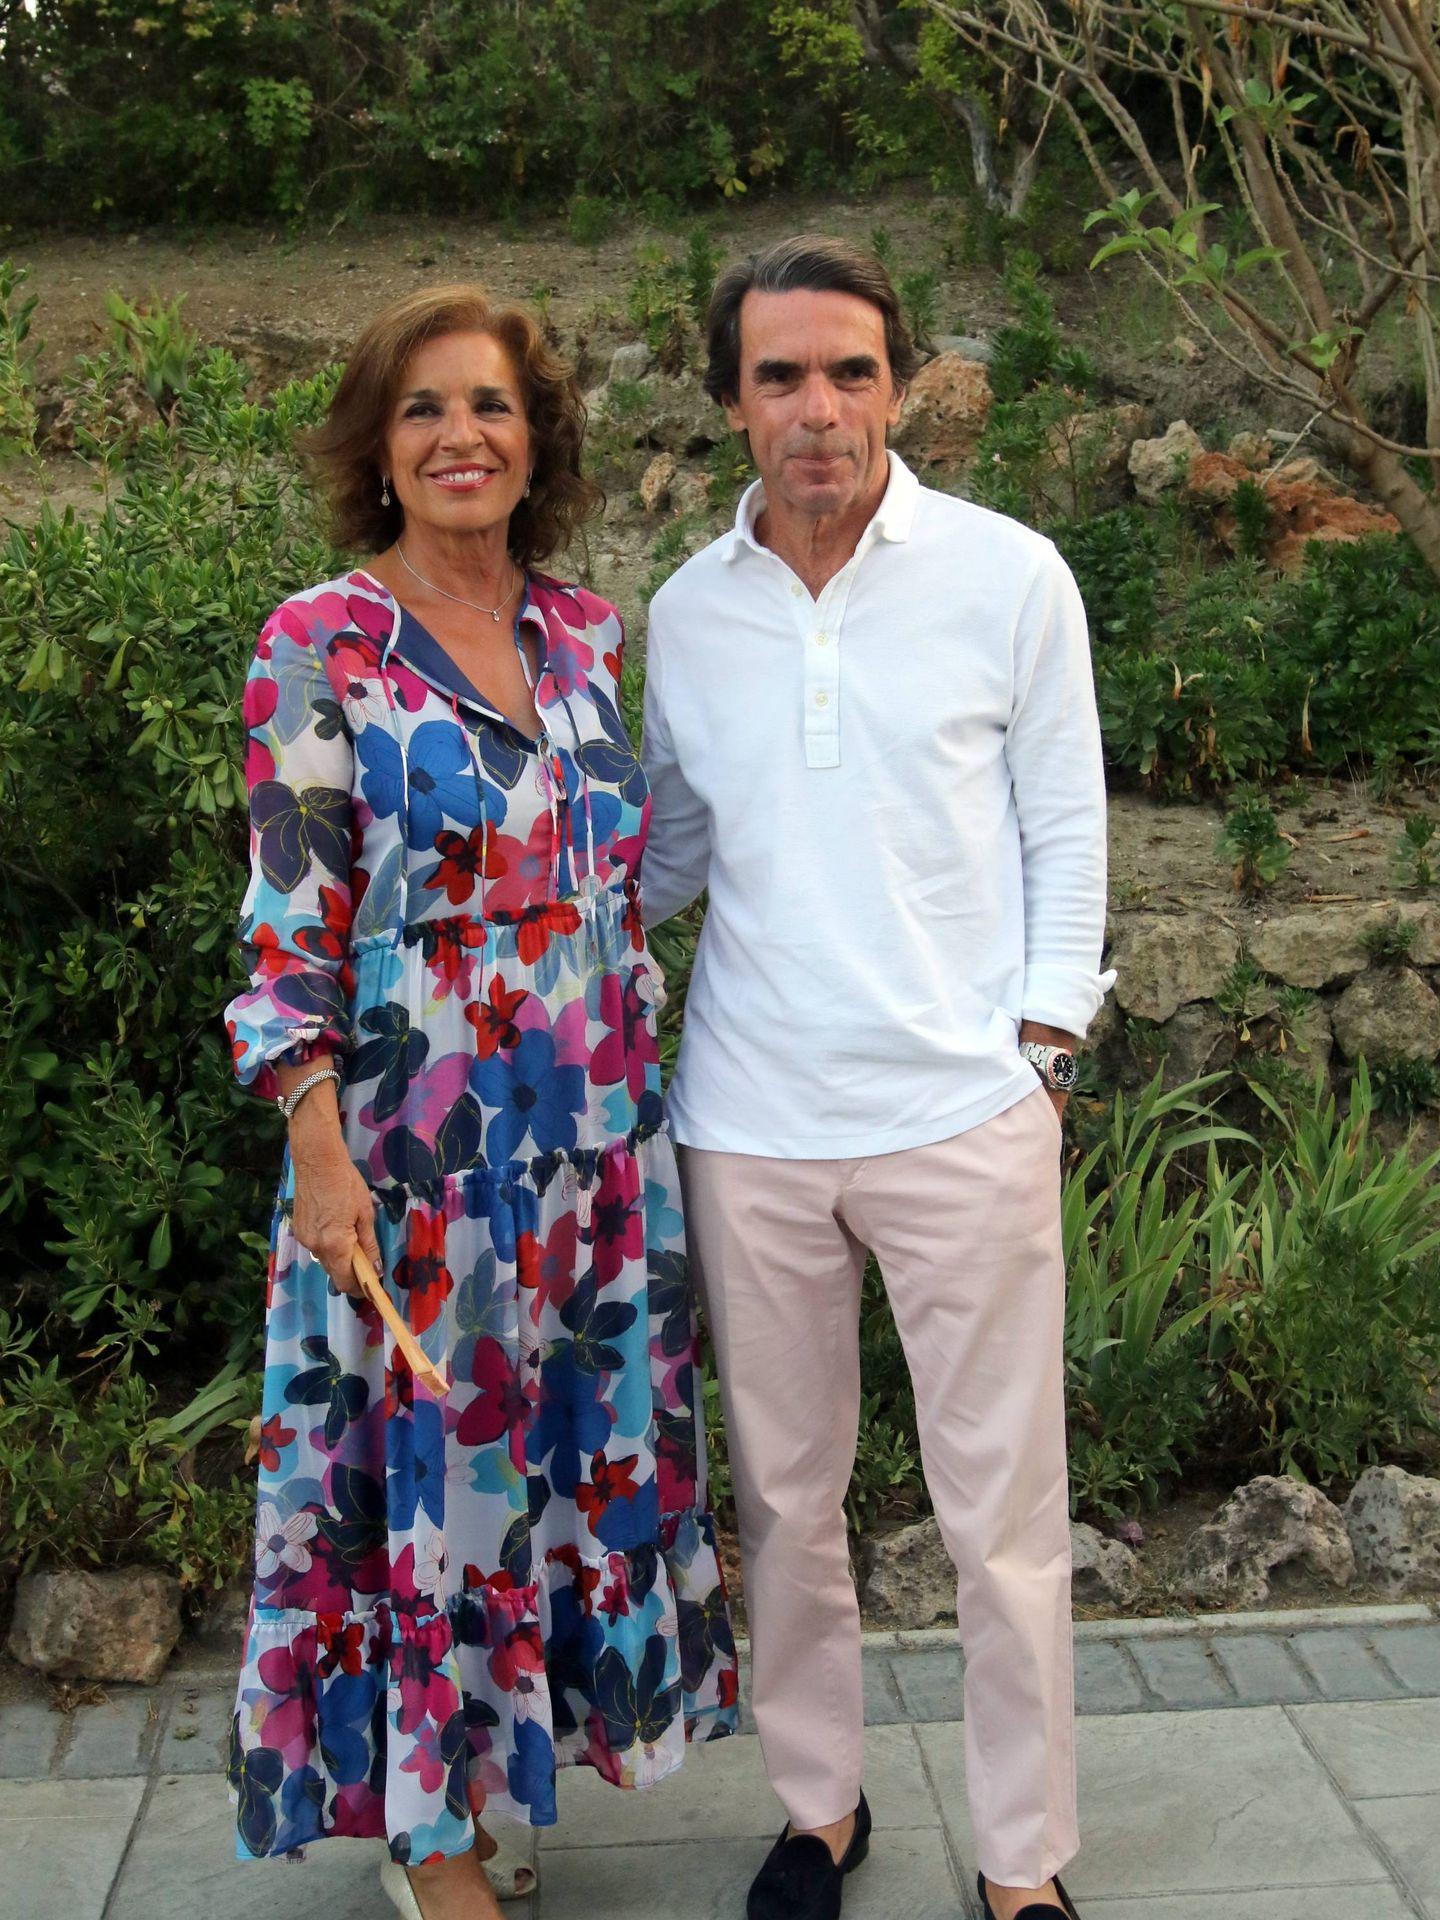 El matrimonio, posando en la Gala Contra el Cáncer de Marbella. (Cordon Press)